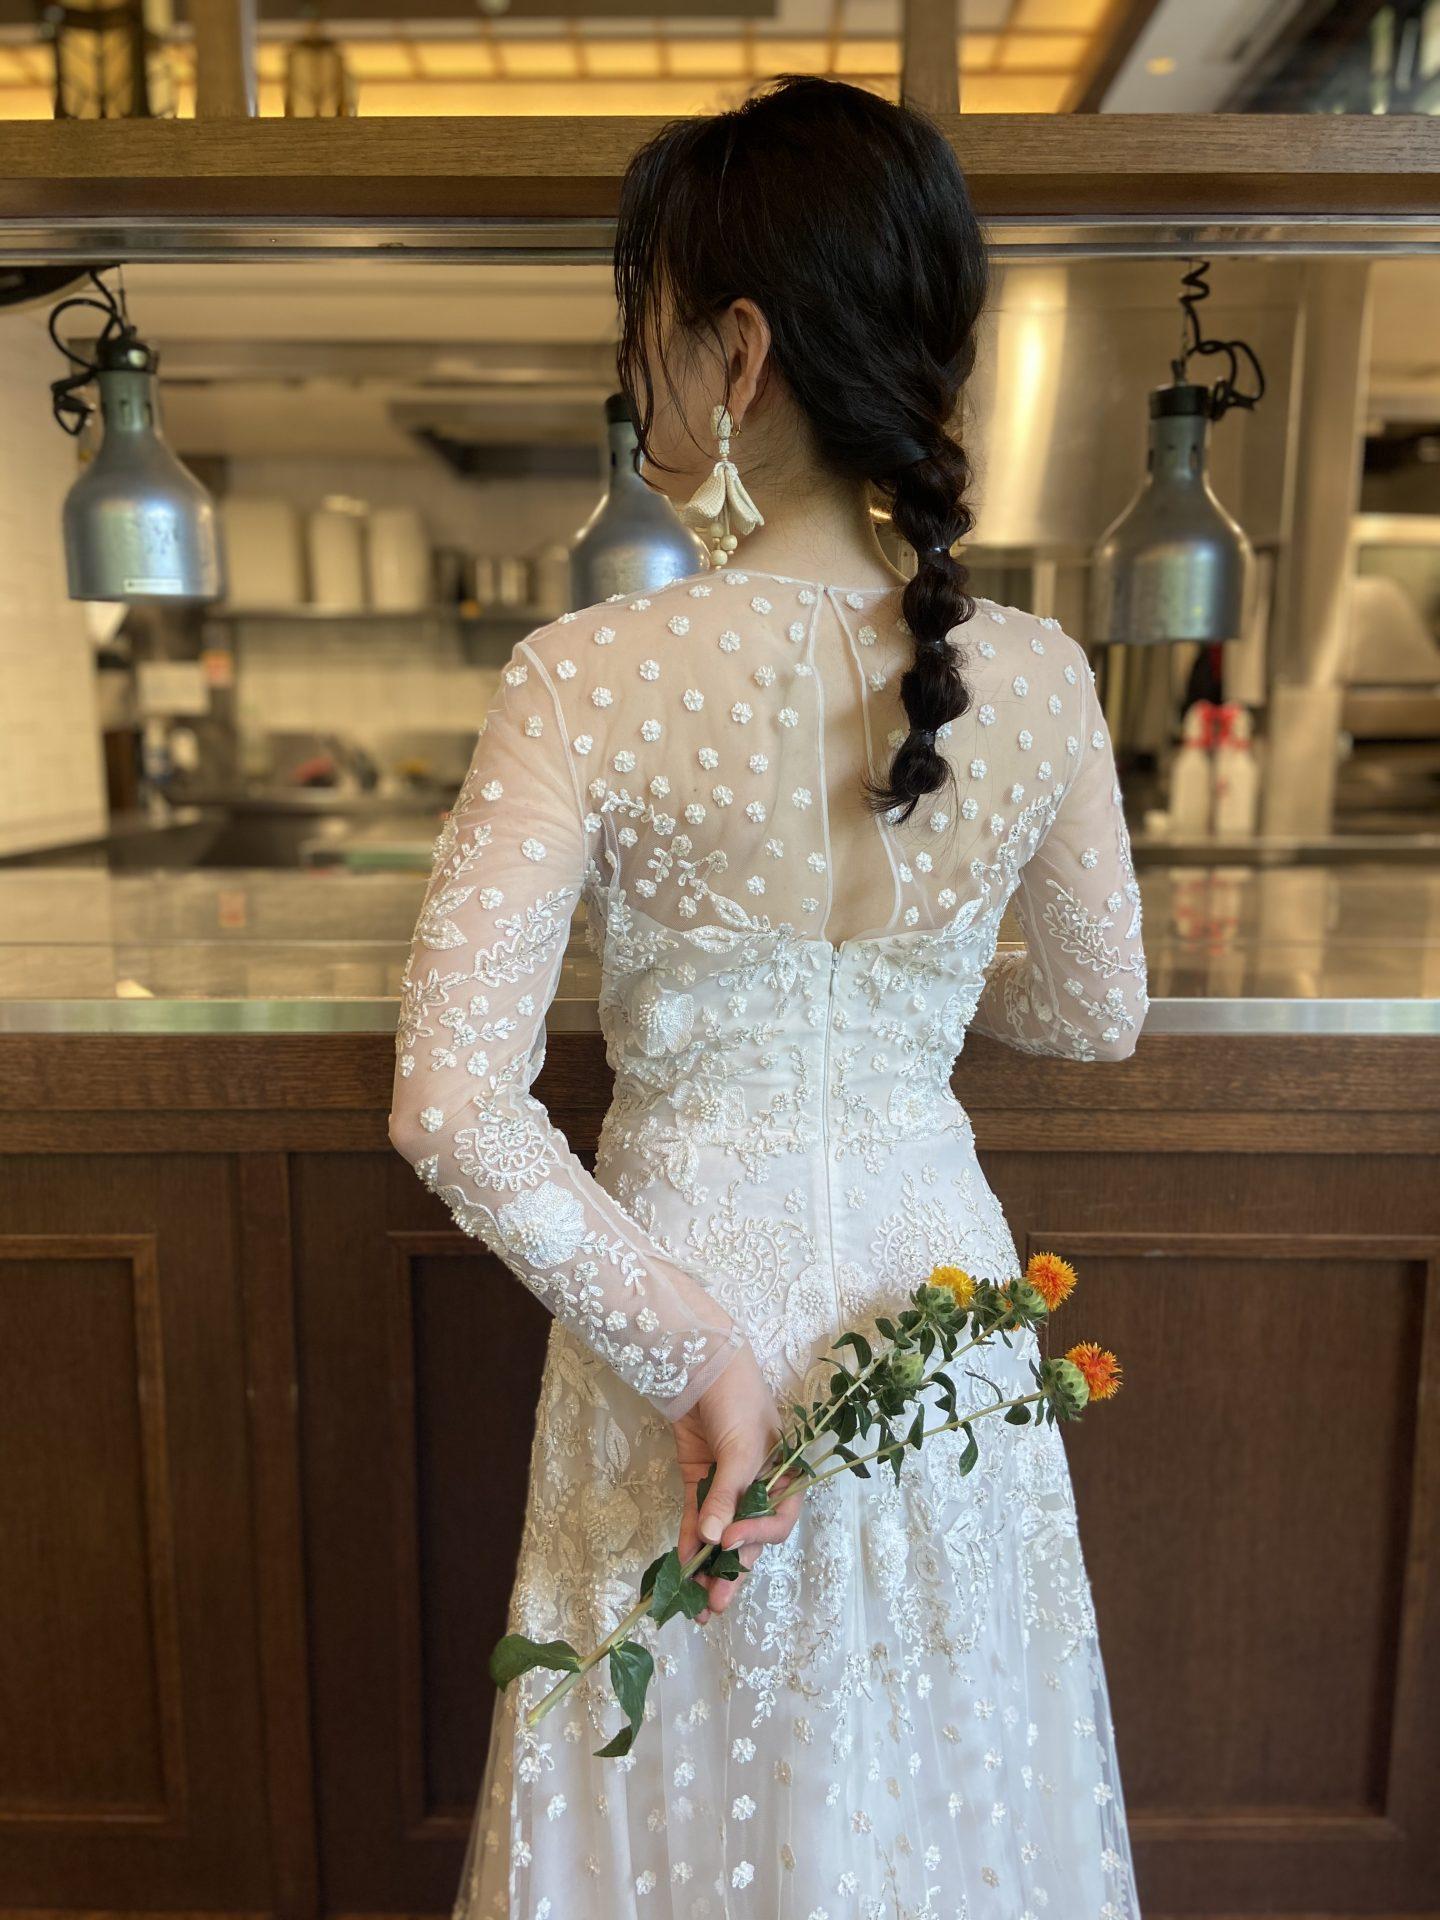 THE TREAT DRESSING大阪店のナイーム・カーンの露出が控えめなパーティーシーンにぴったりなエレガントなウェディングドレス